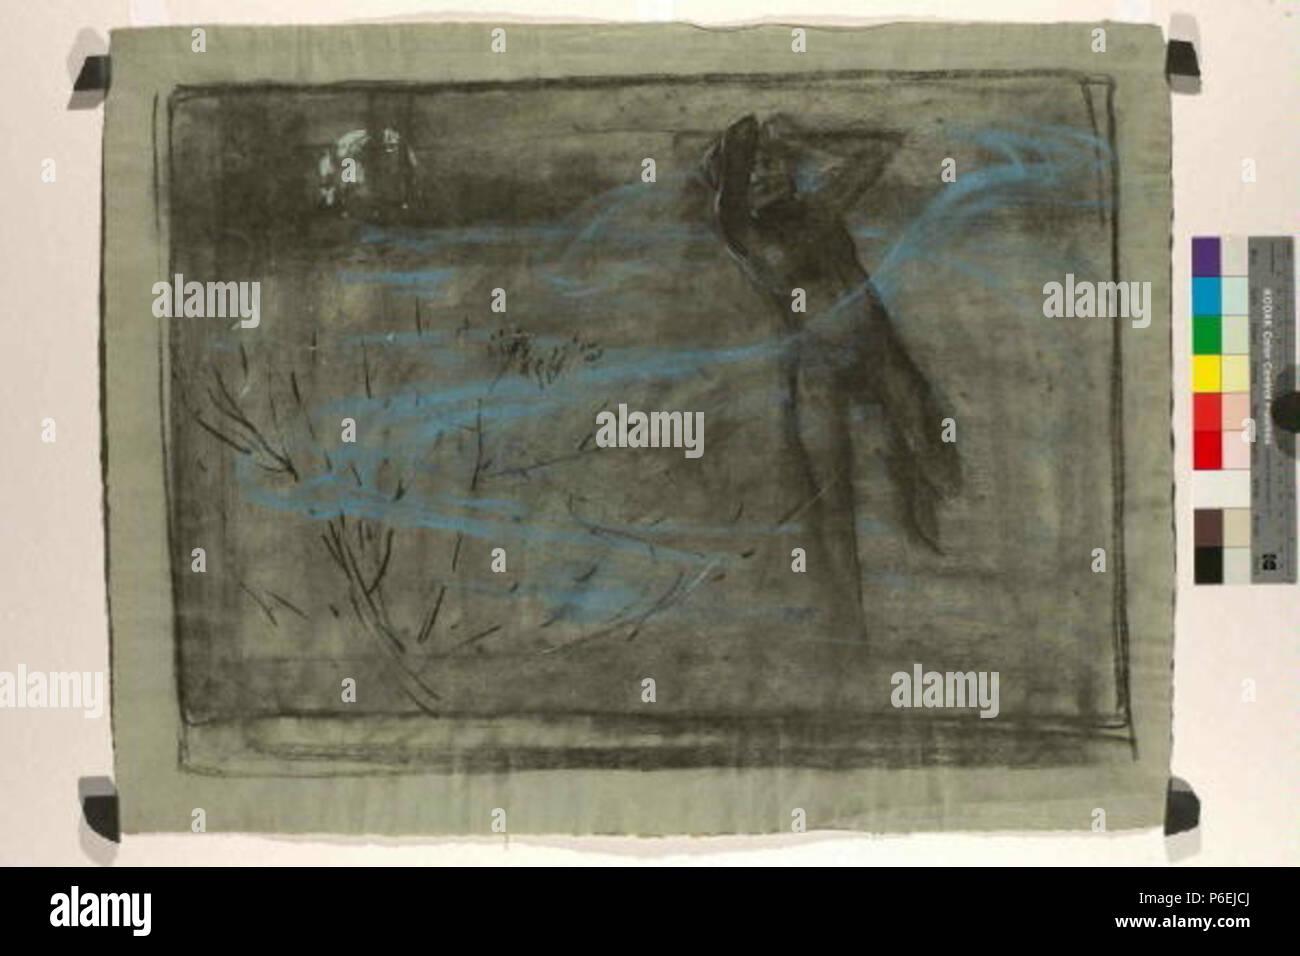 .: Výrazová eština studie (Hích) circa 1901 6 Autor Alfons Mucha 24.7.1860-14.7.1939 - Vyrazova studie Hrich Foto de stock